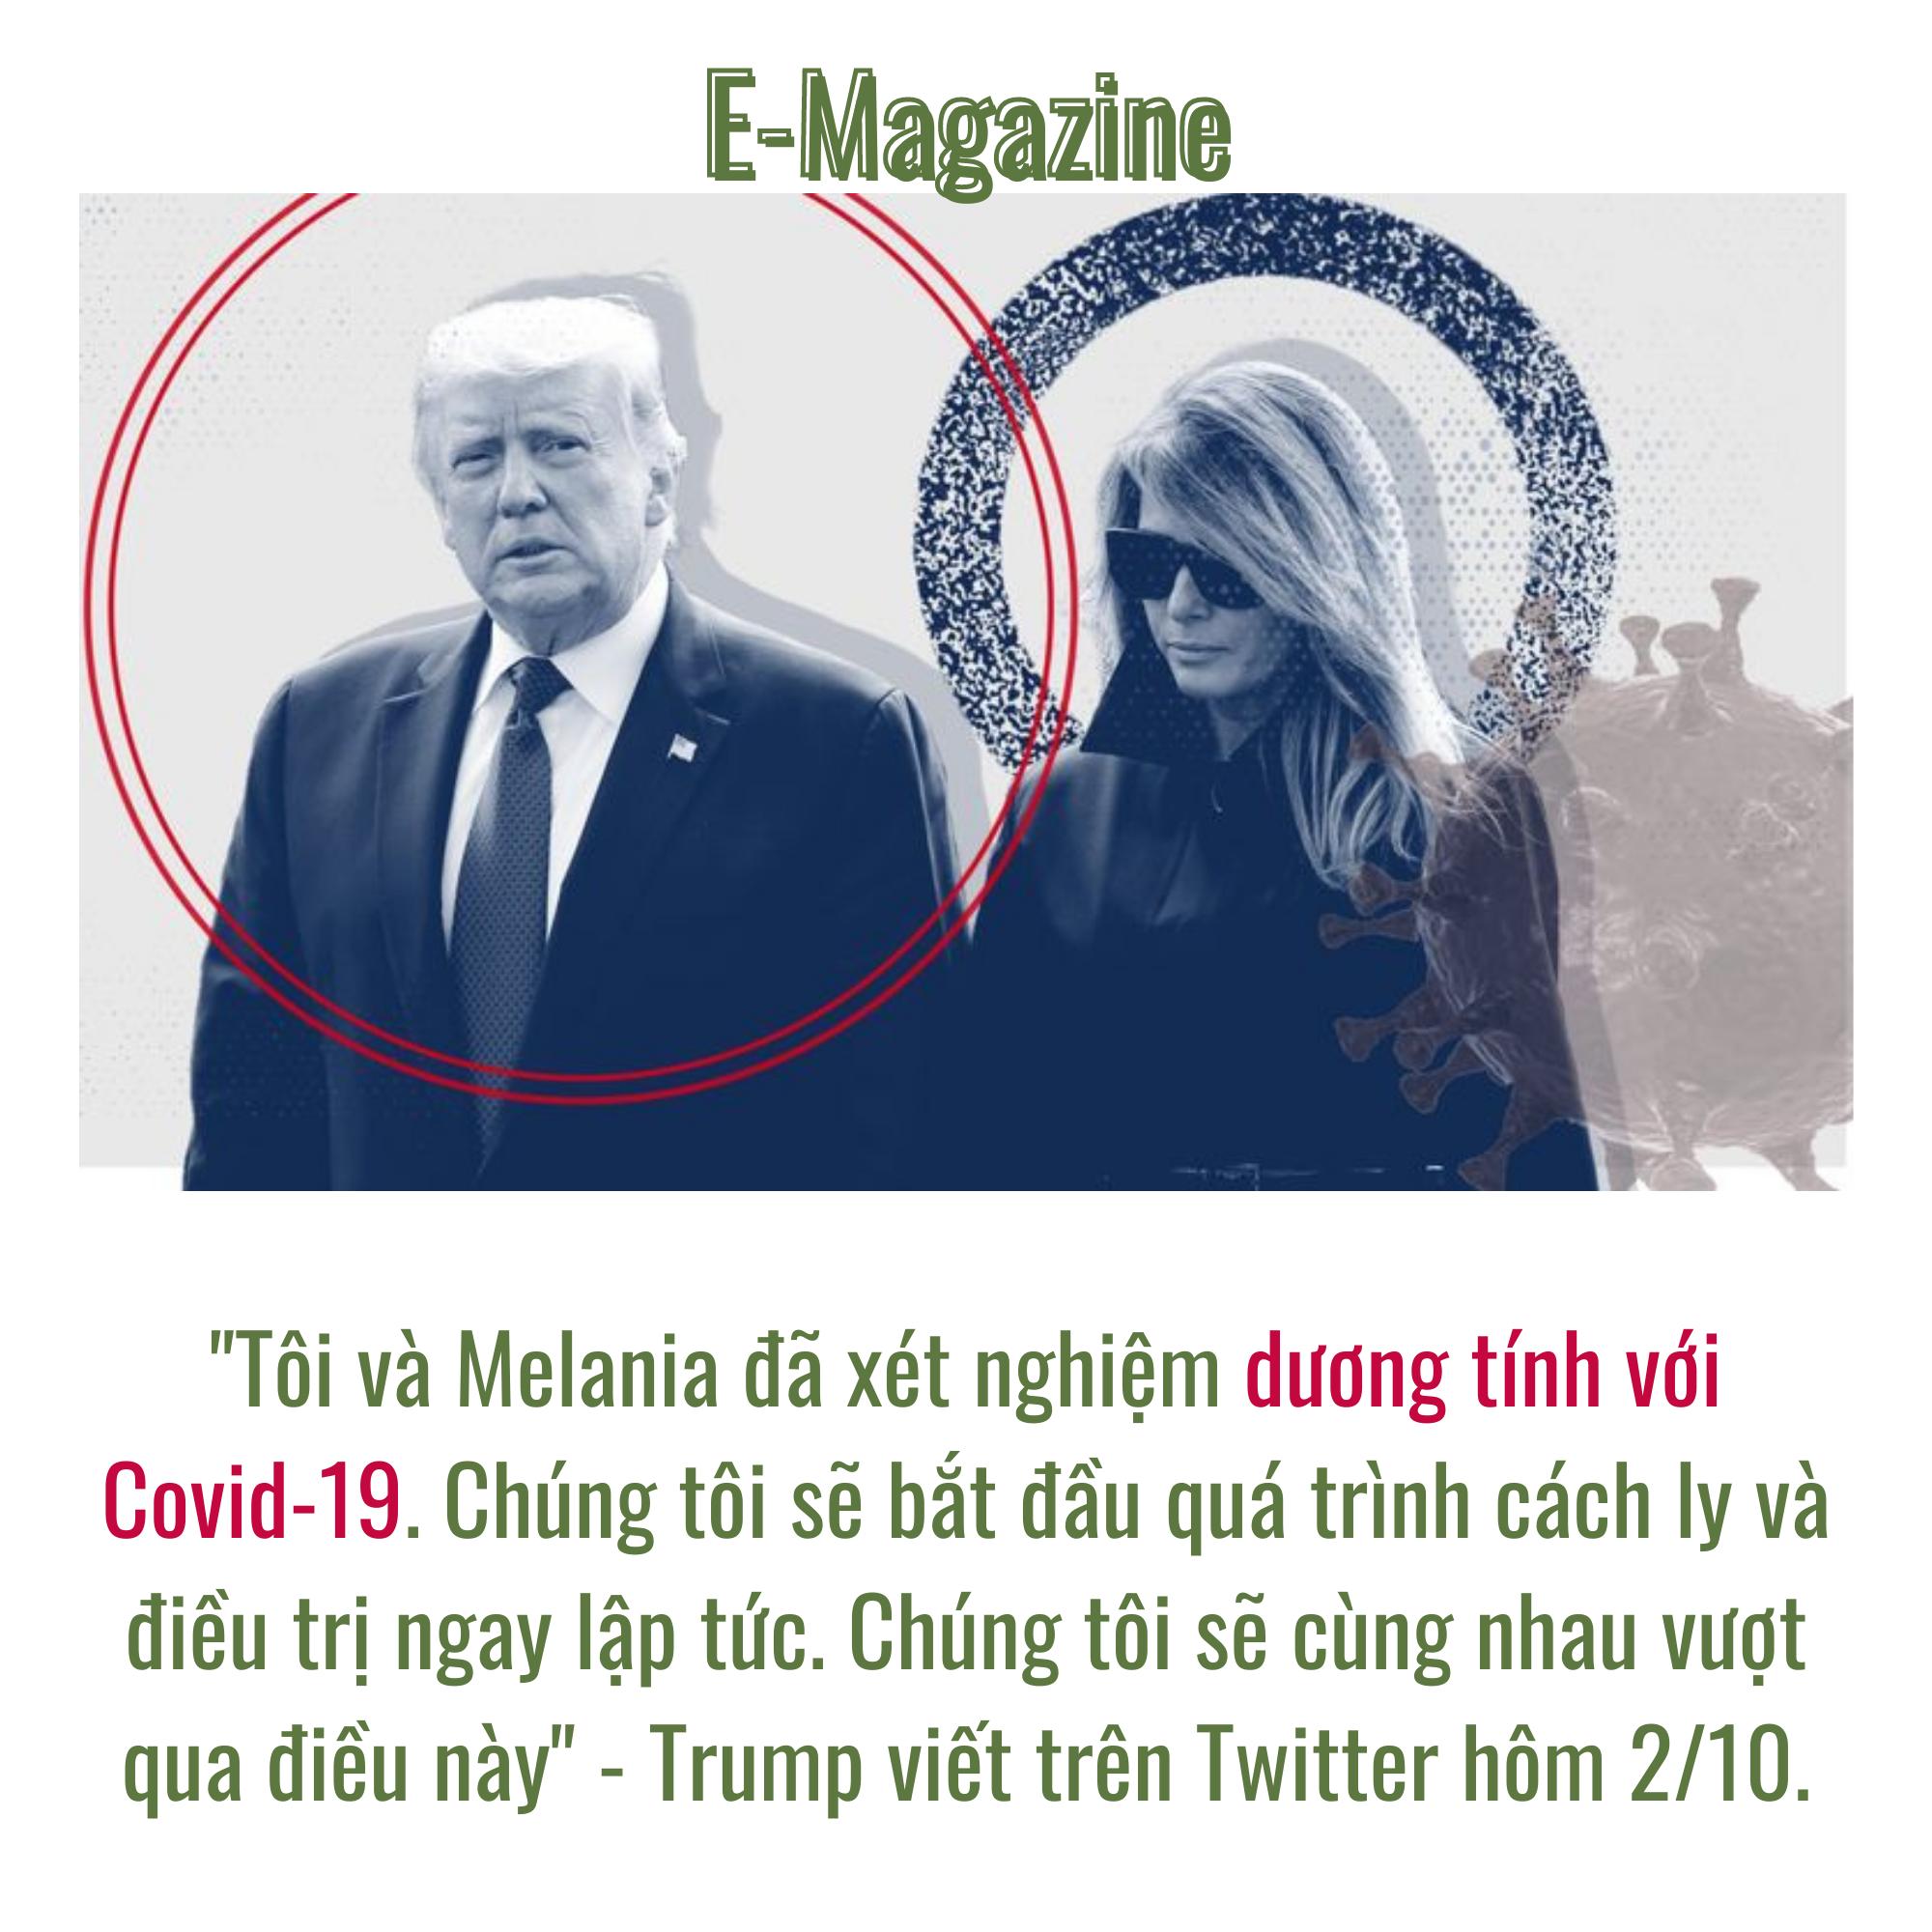 TT Trump nhiễm Covid-19: cử tri quay lưng, Trung Quốc ăn mừng và nỗi buồn của kinh tế Mỹ - Ảnh 2.